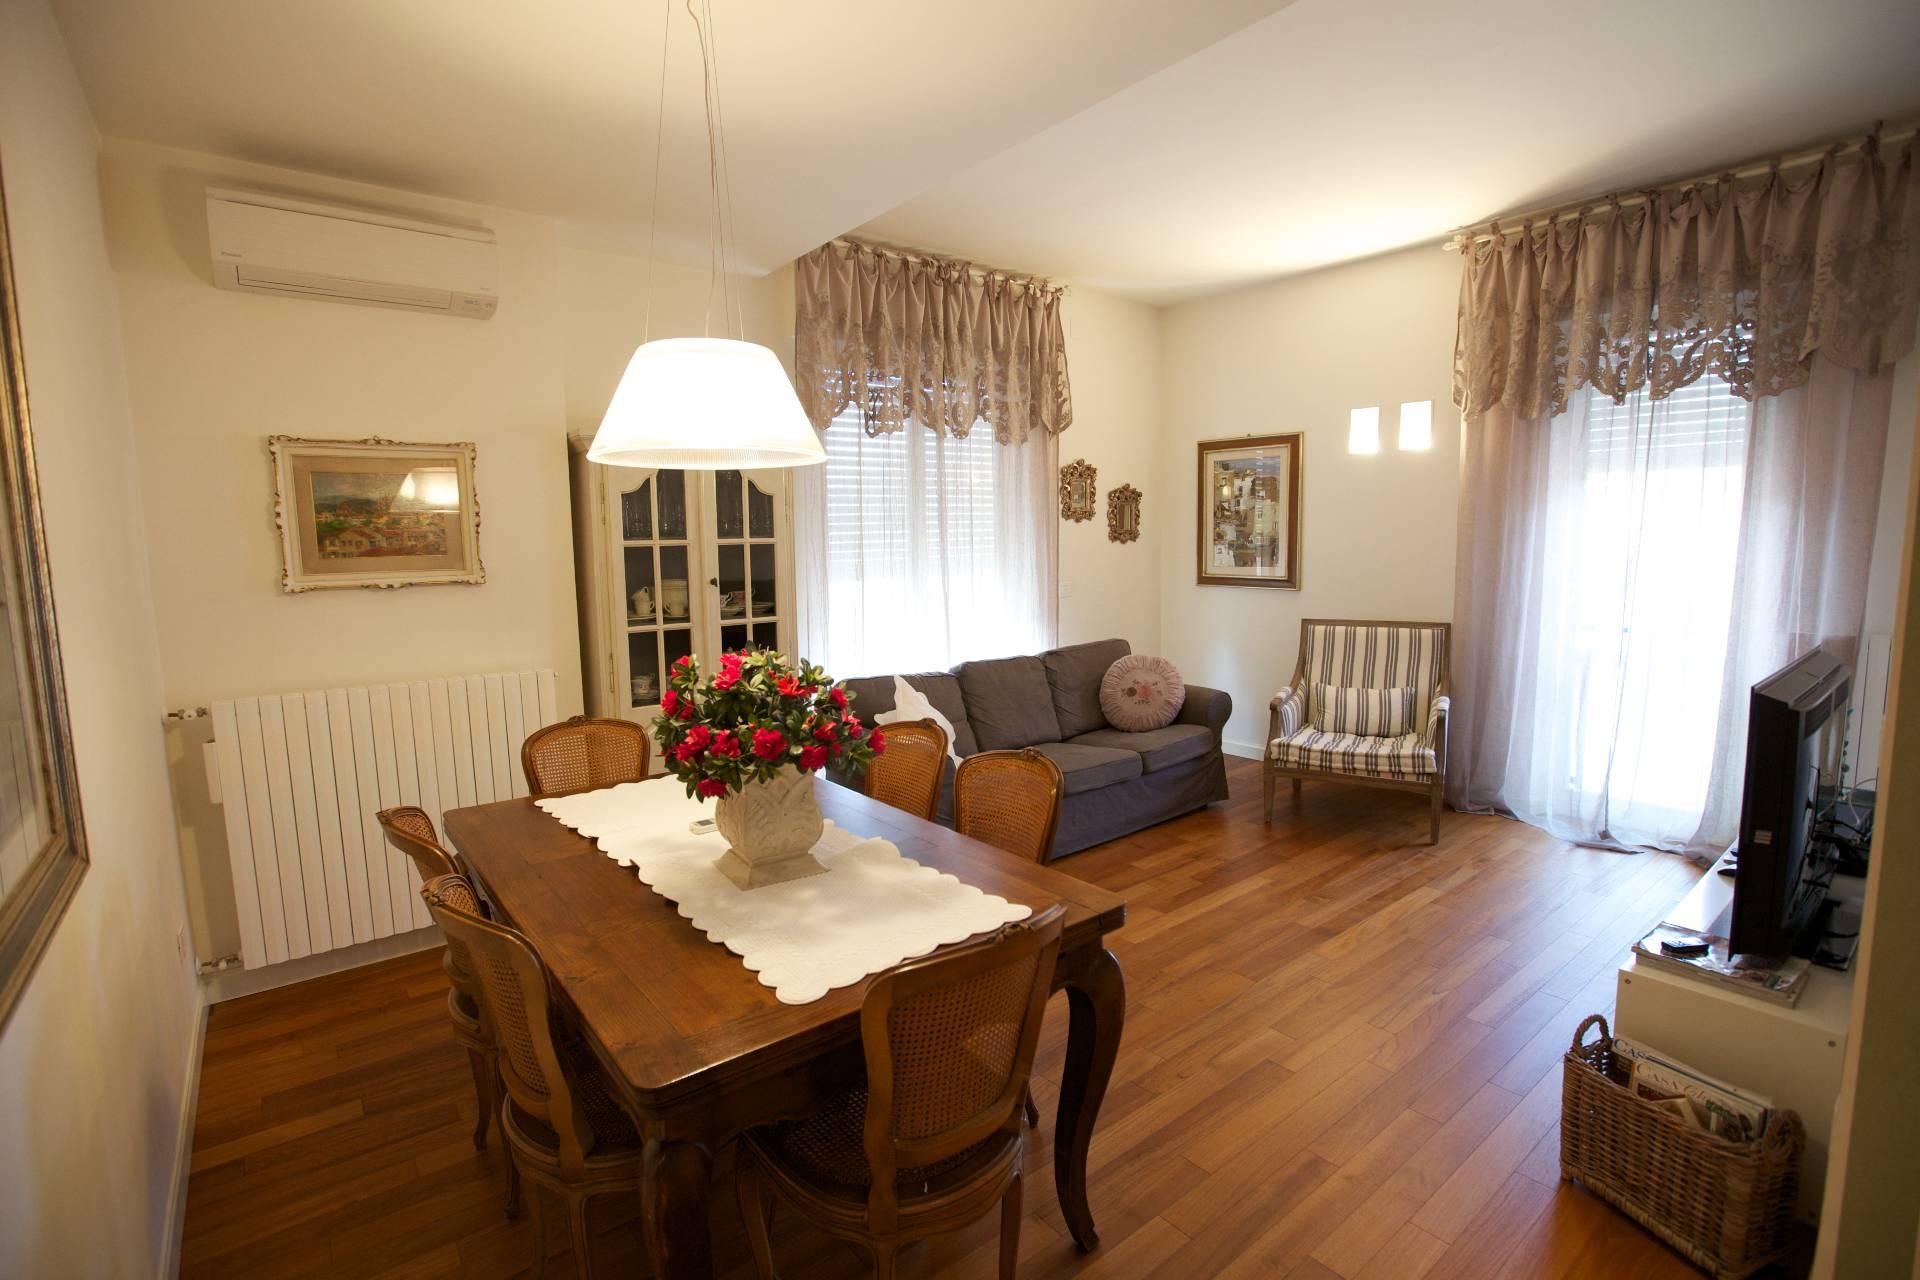 Appartamento in vendita a Ascoli Piceno, 5 locali, zona Zona: Tofare, prezzo € 170.000 | Cambio Casa.it